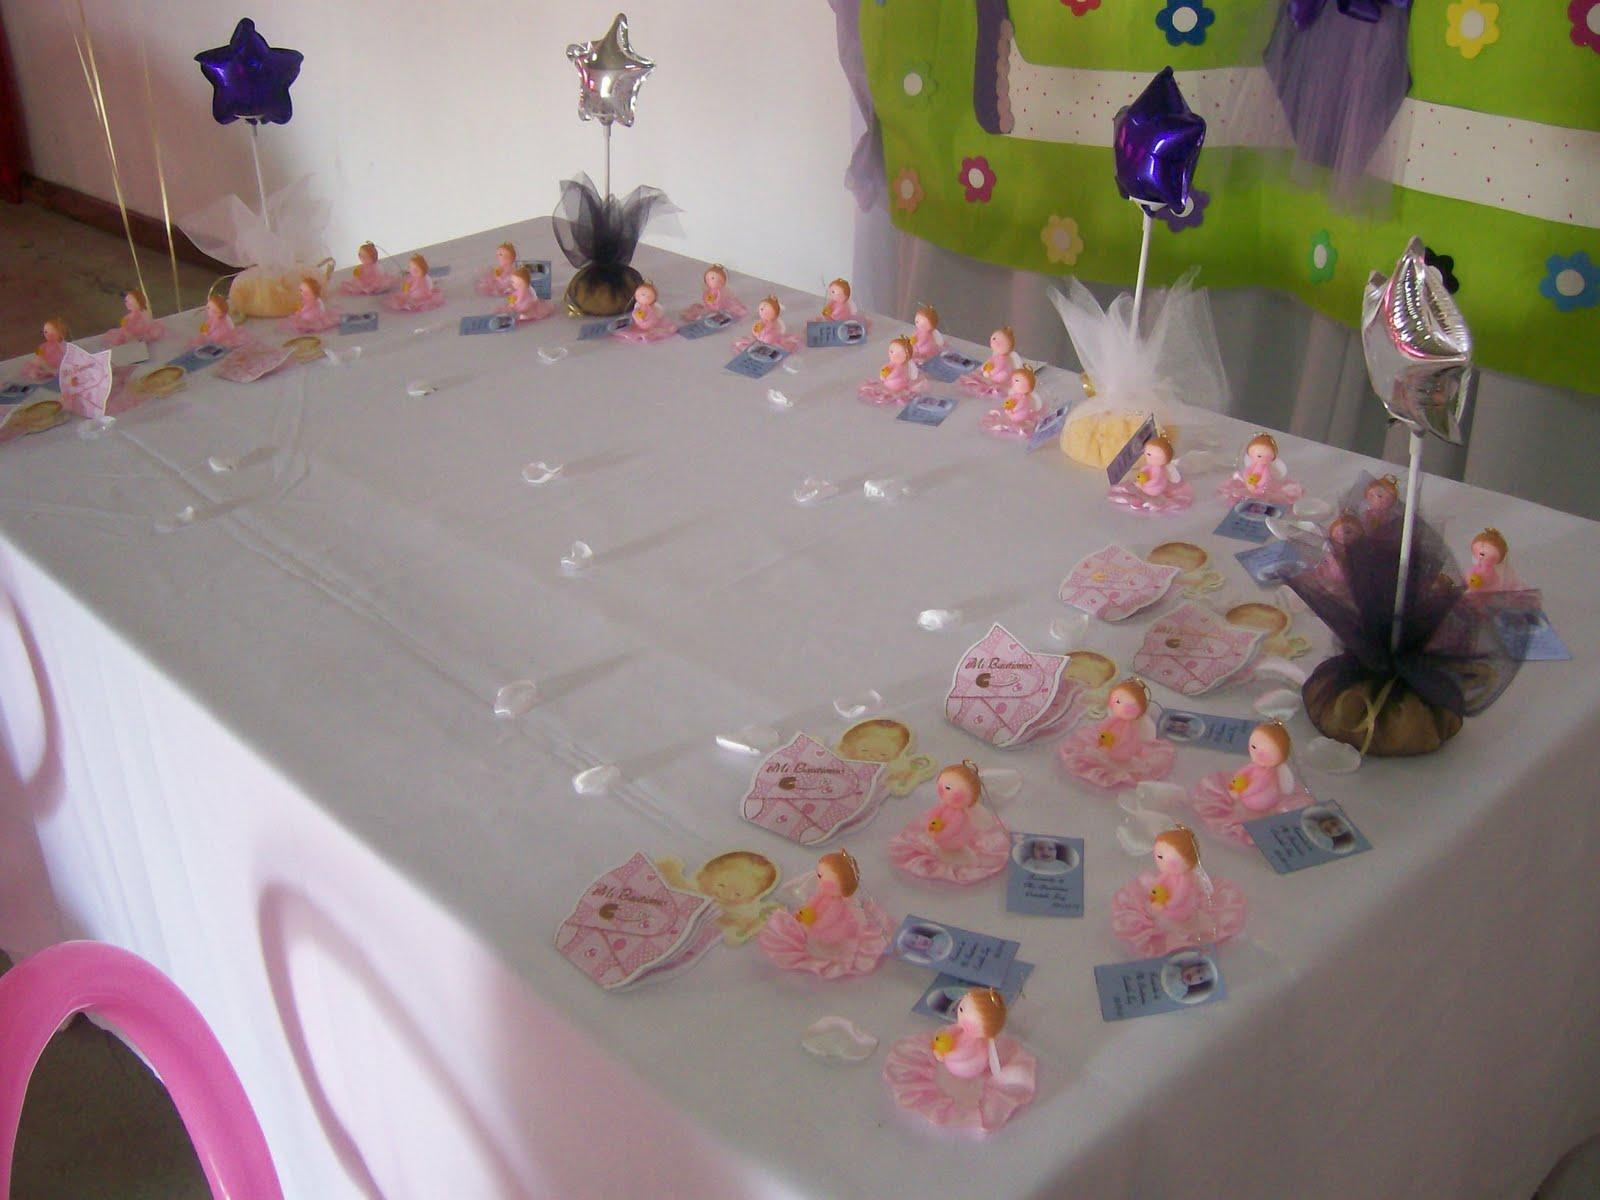 decoraciones con tela y globos para todo tipo de eventos On todo decoraciones